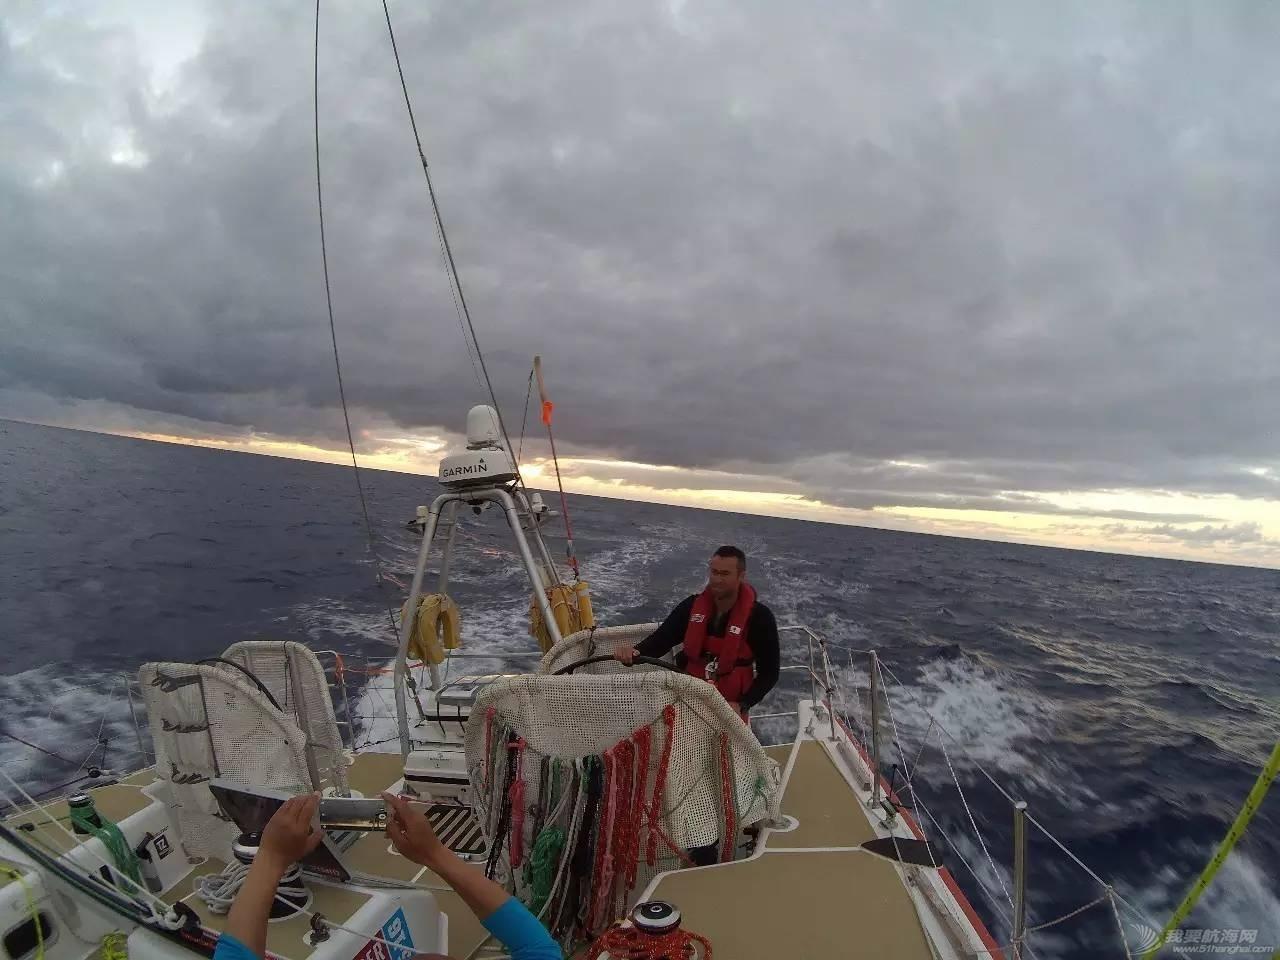 22岁她才见到海,27岁她在海上看世界 1024c342807283e971411082c15fb3cf.jpg